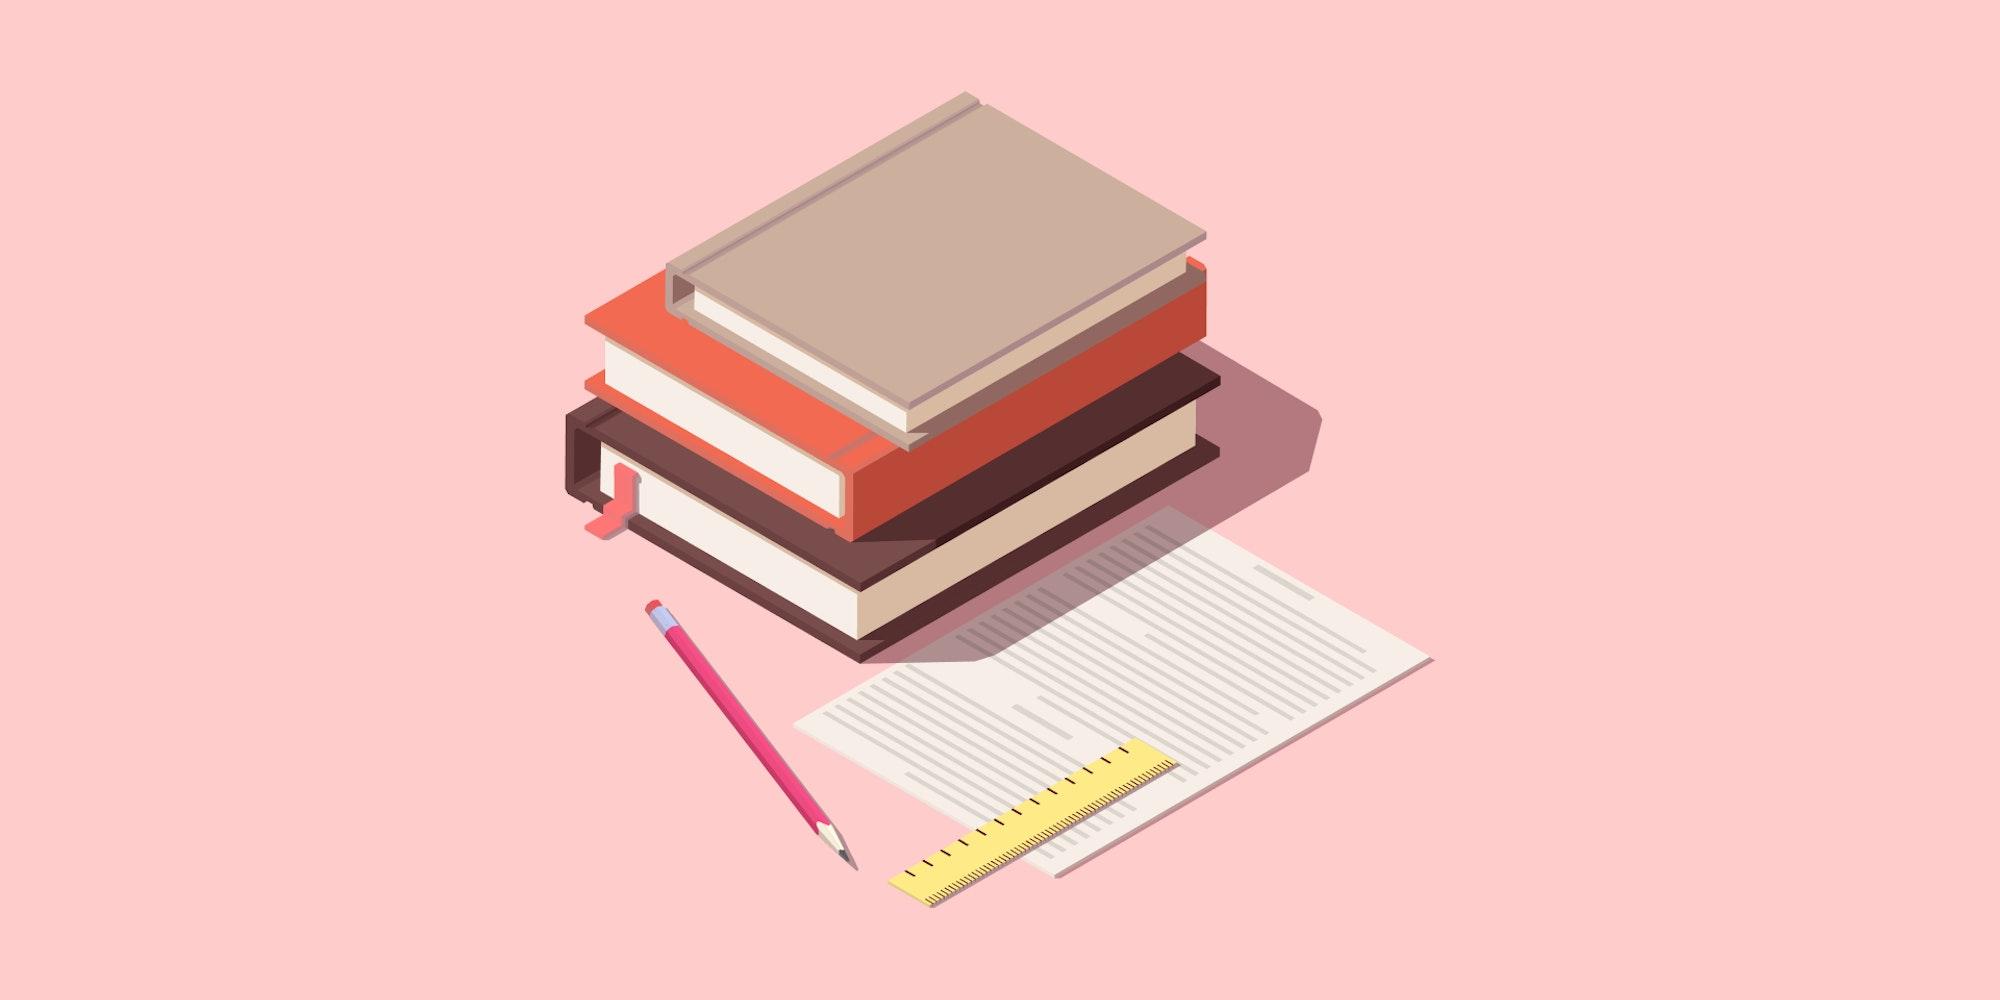 Cover Image for 세세하게 푸는 금주의 용어: 경비율, 단순경비율, 기준경비율